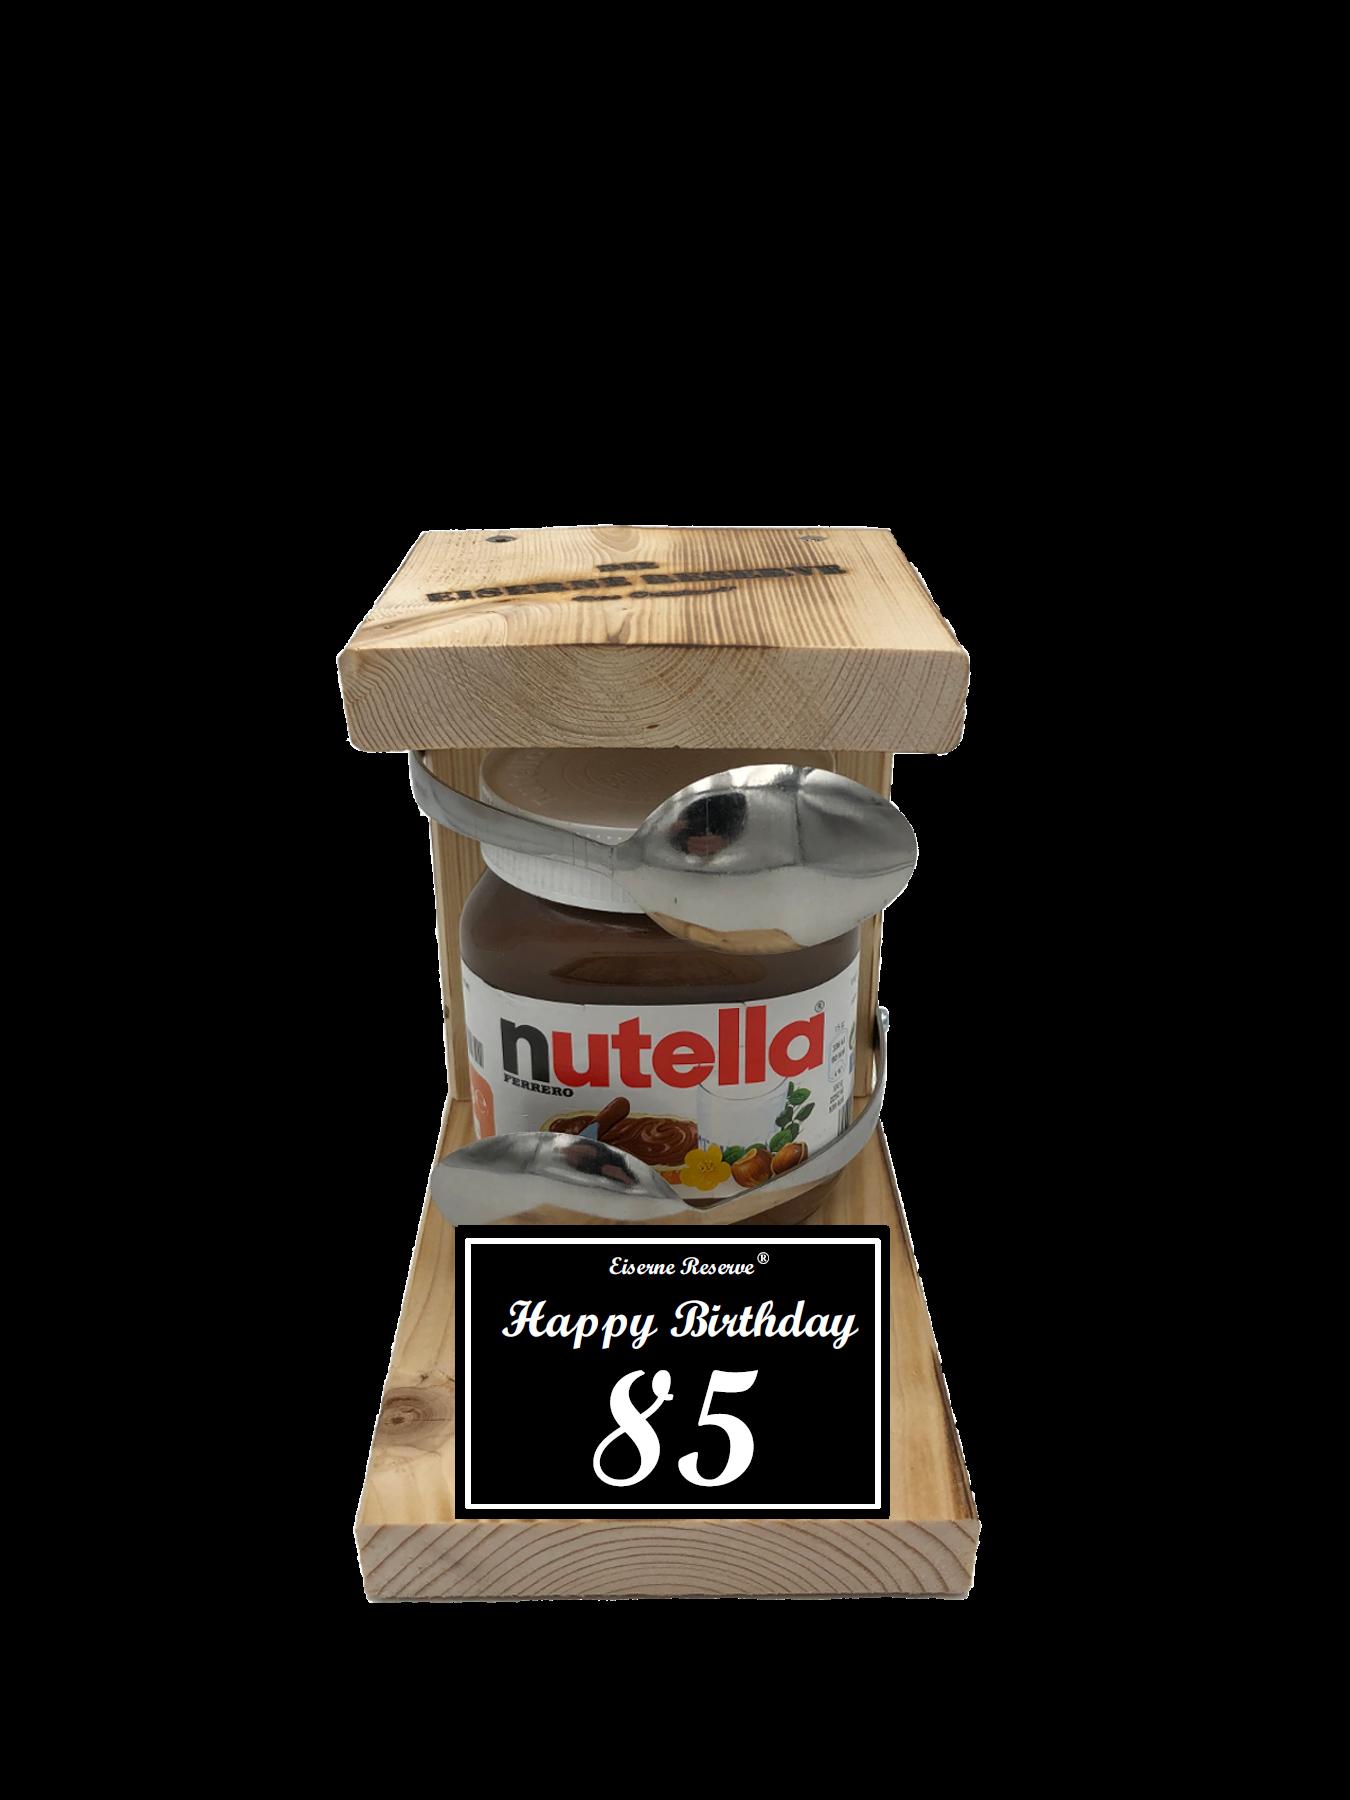 85 Happy Birthday Löffel Nutella Geschenk - Die Nutella Geschenkidee